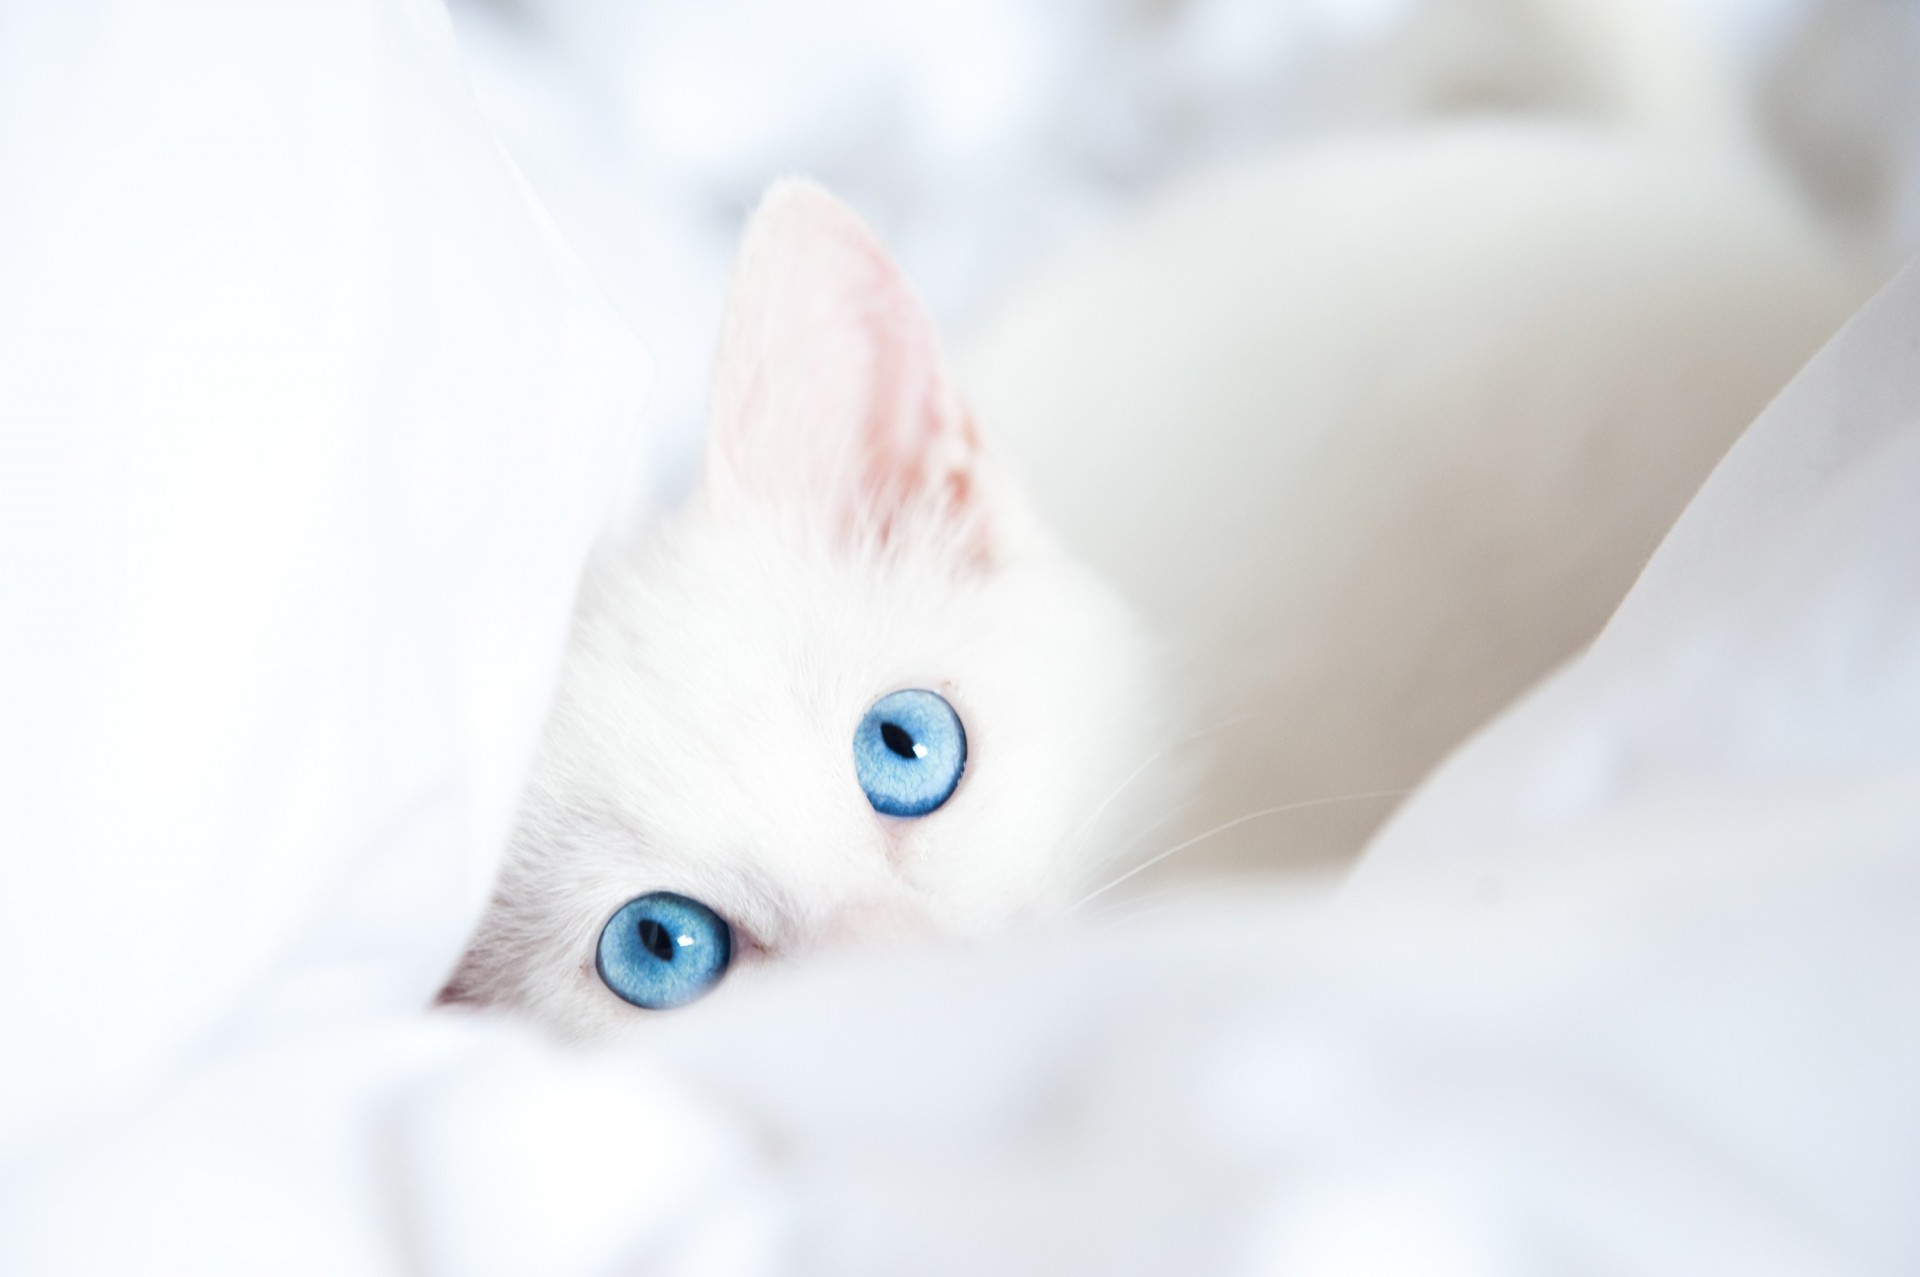 Картинки завтра, картинки кошки белые с голубыми глазами